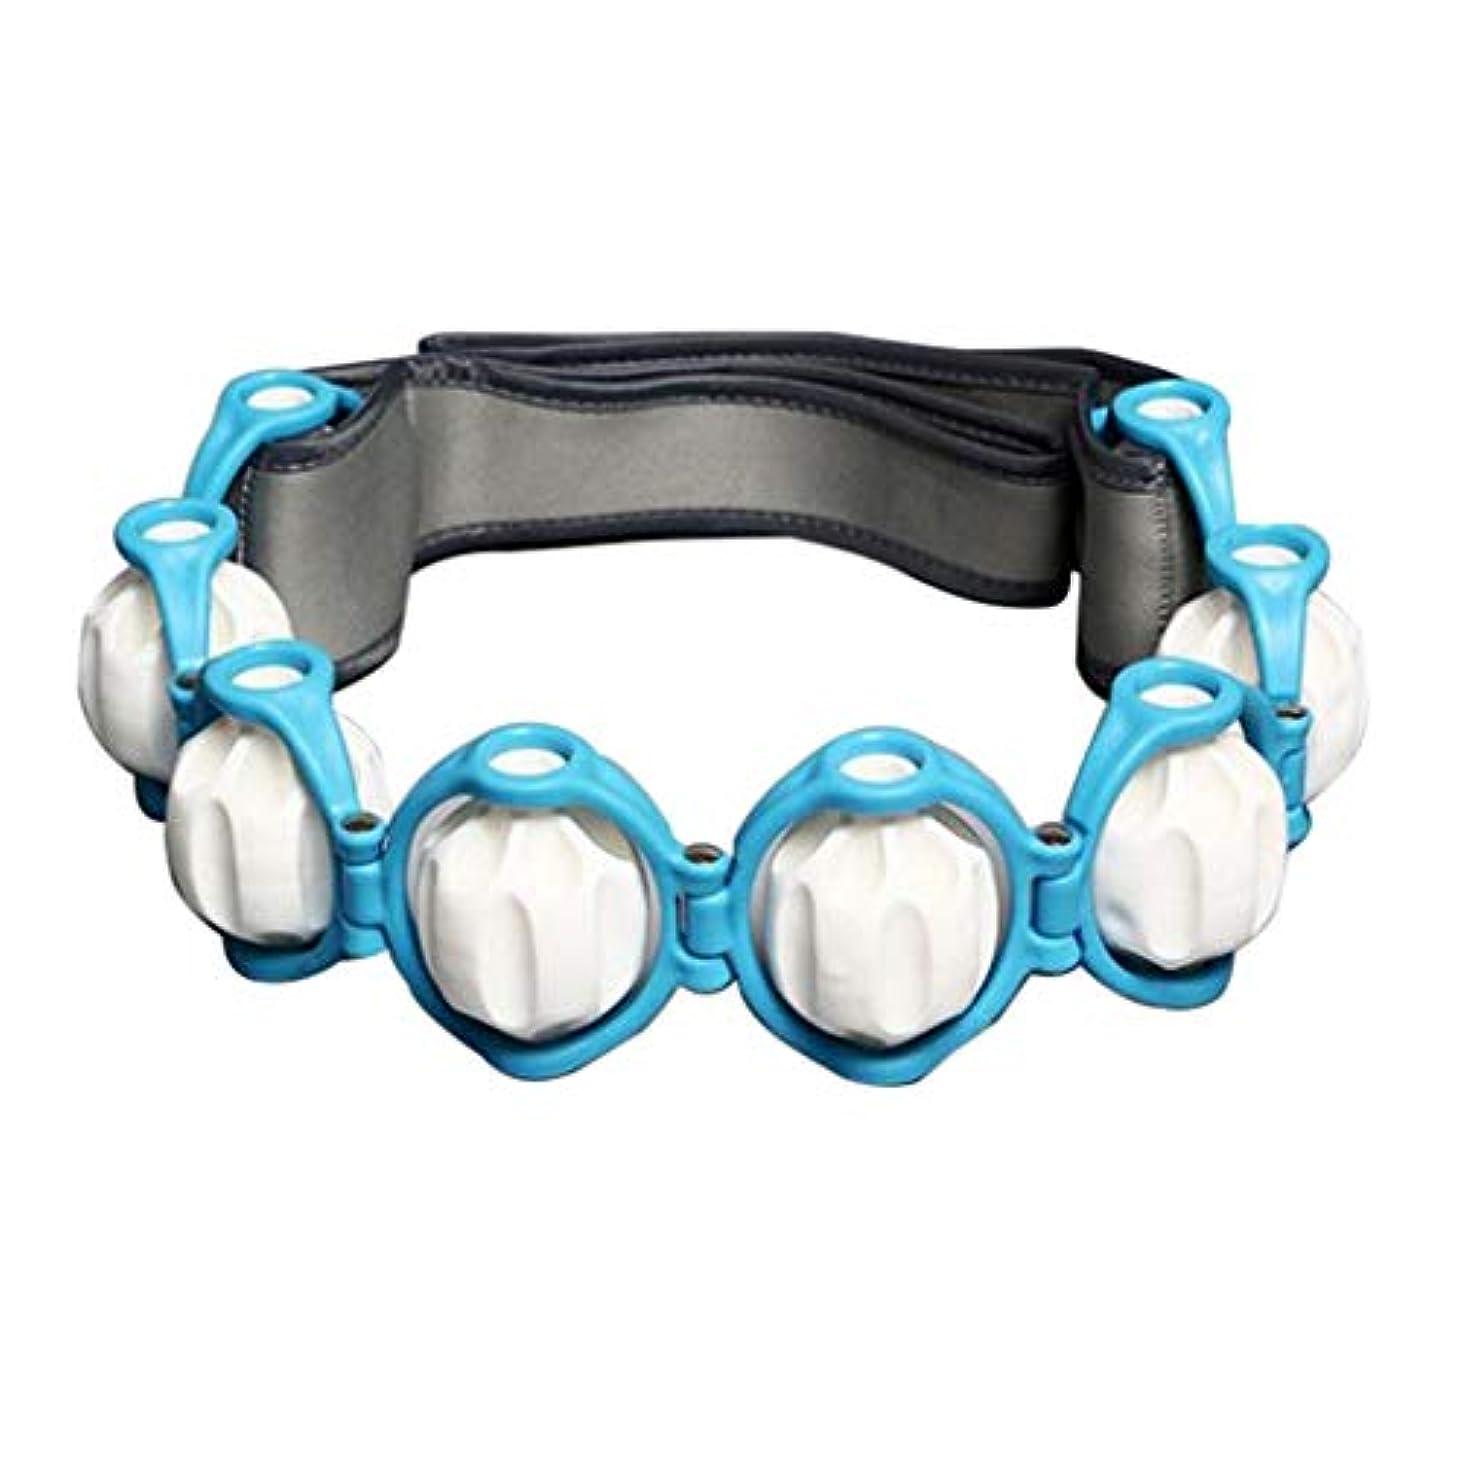 ブル話エイリアンHellery フルボディ - 多機能 - 痛みを軽減するためのハンドヘルドマッサージローラーロープ - 青, 説明したように